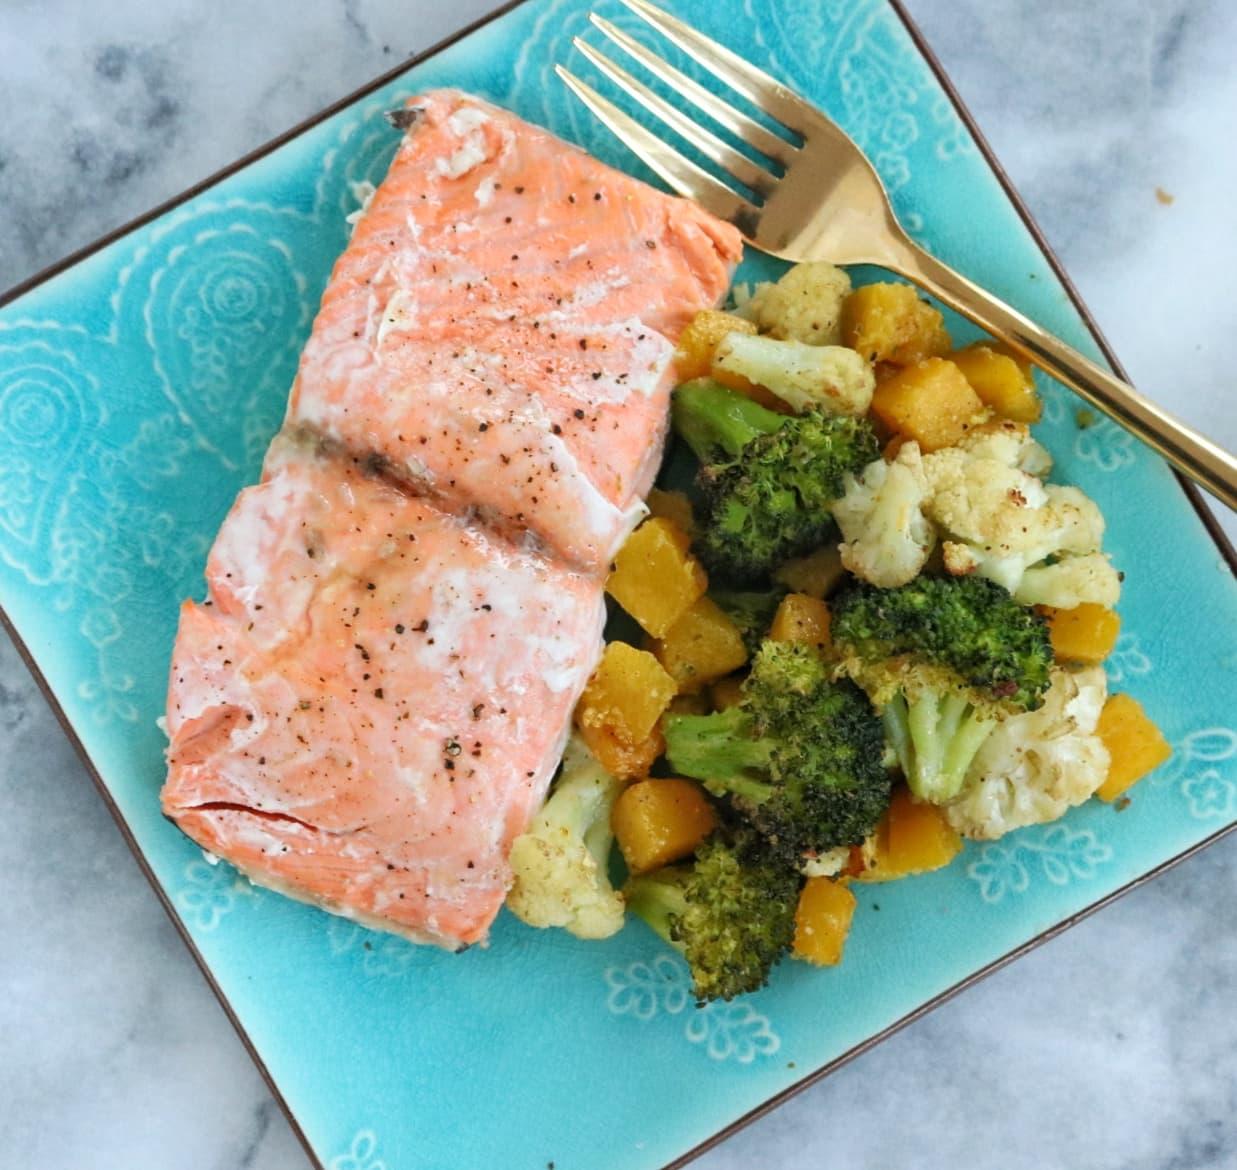 Sheet Pan Salmon & Vegetables